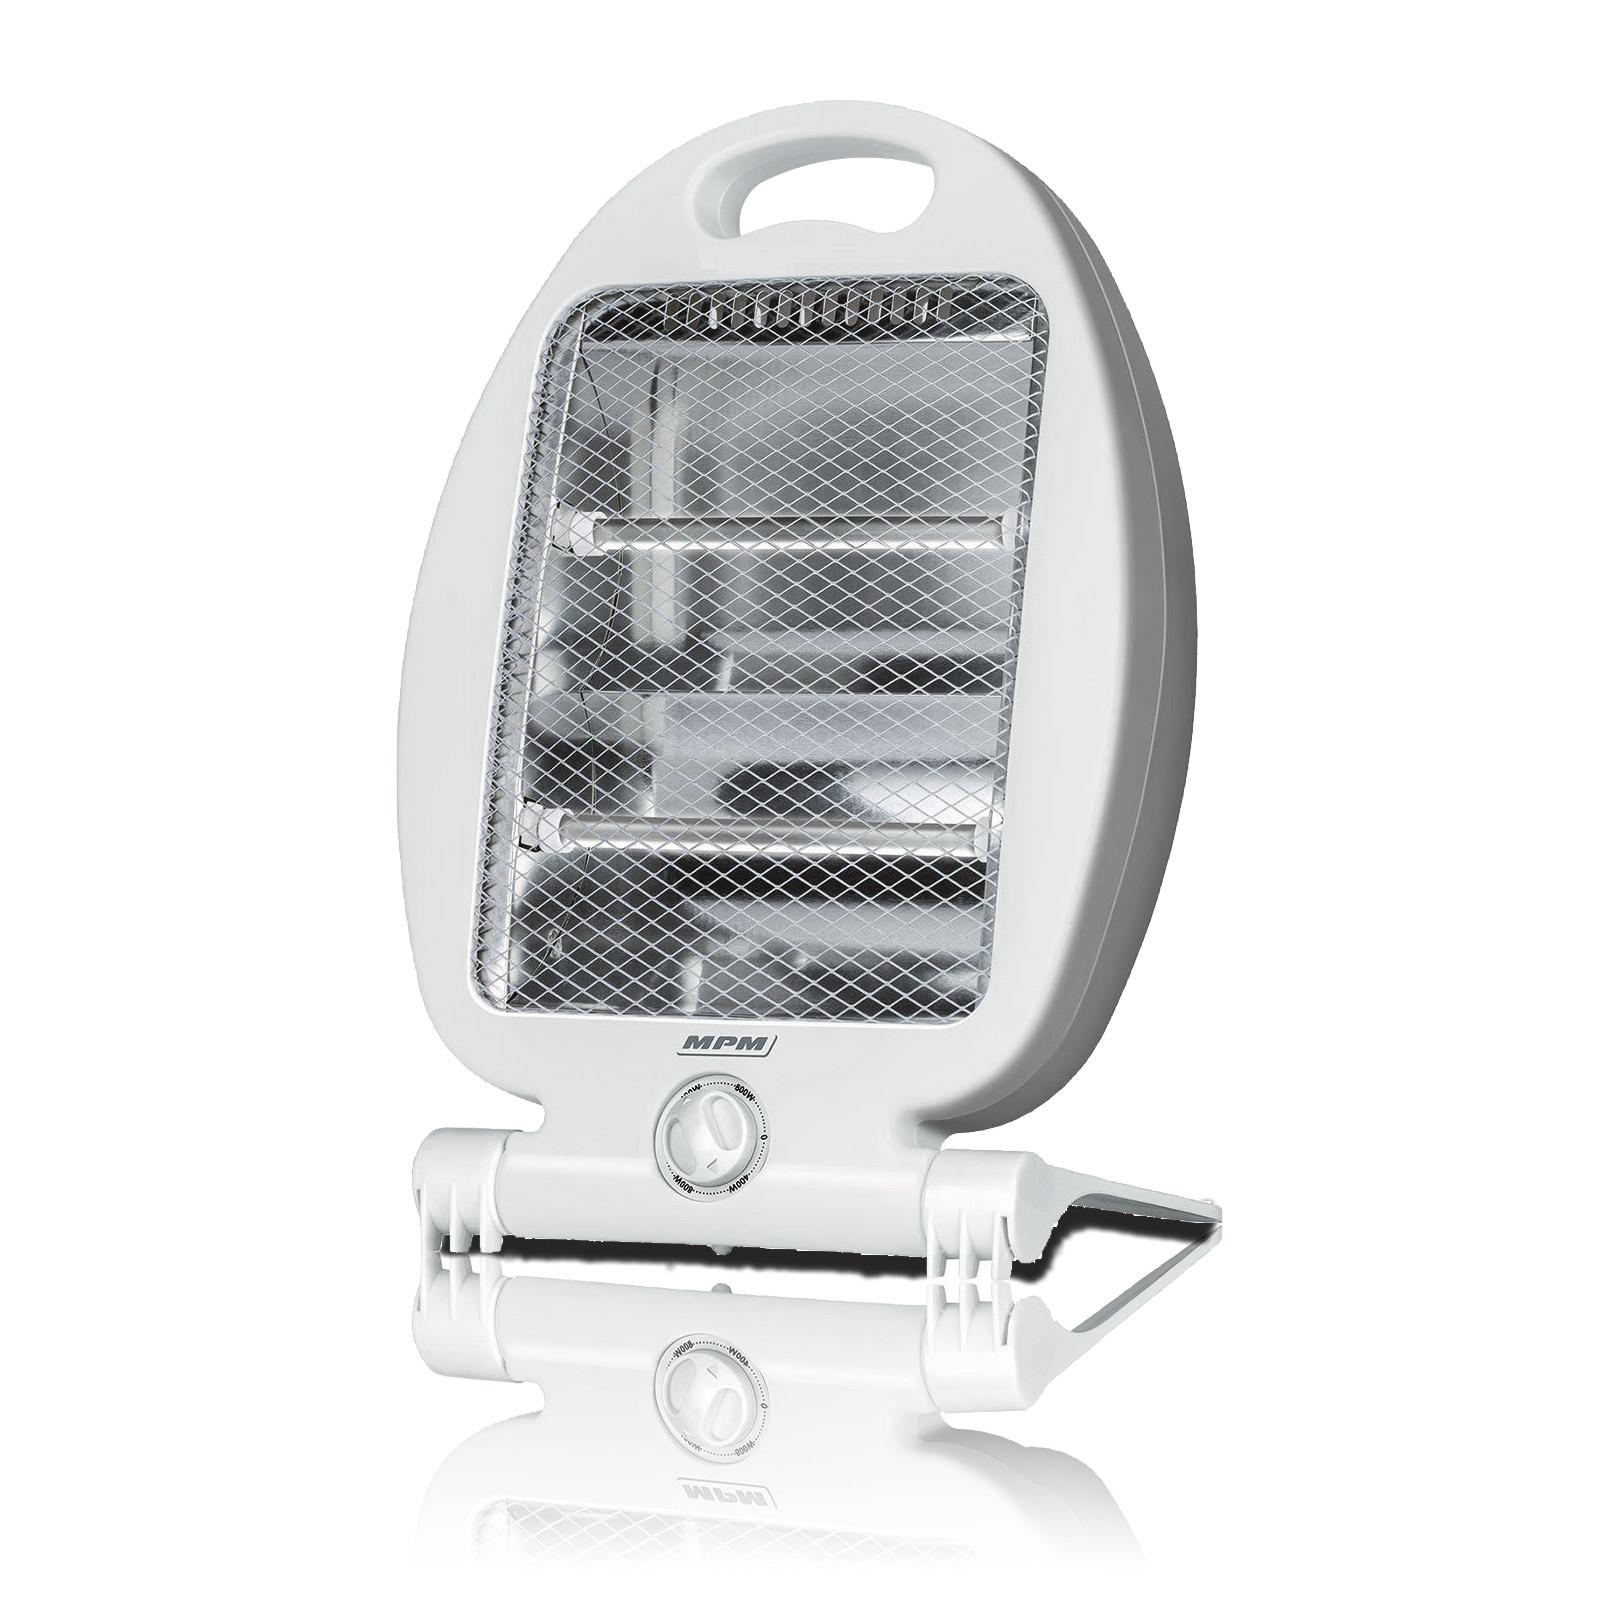 MPM MUG15 Estufa eléctrica de cuarzo portátil, radiador halógeno, 2 niveles temperatura, sistema seguridad, 400/800W